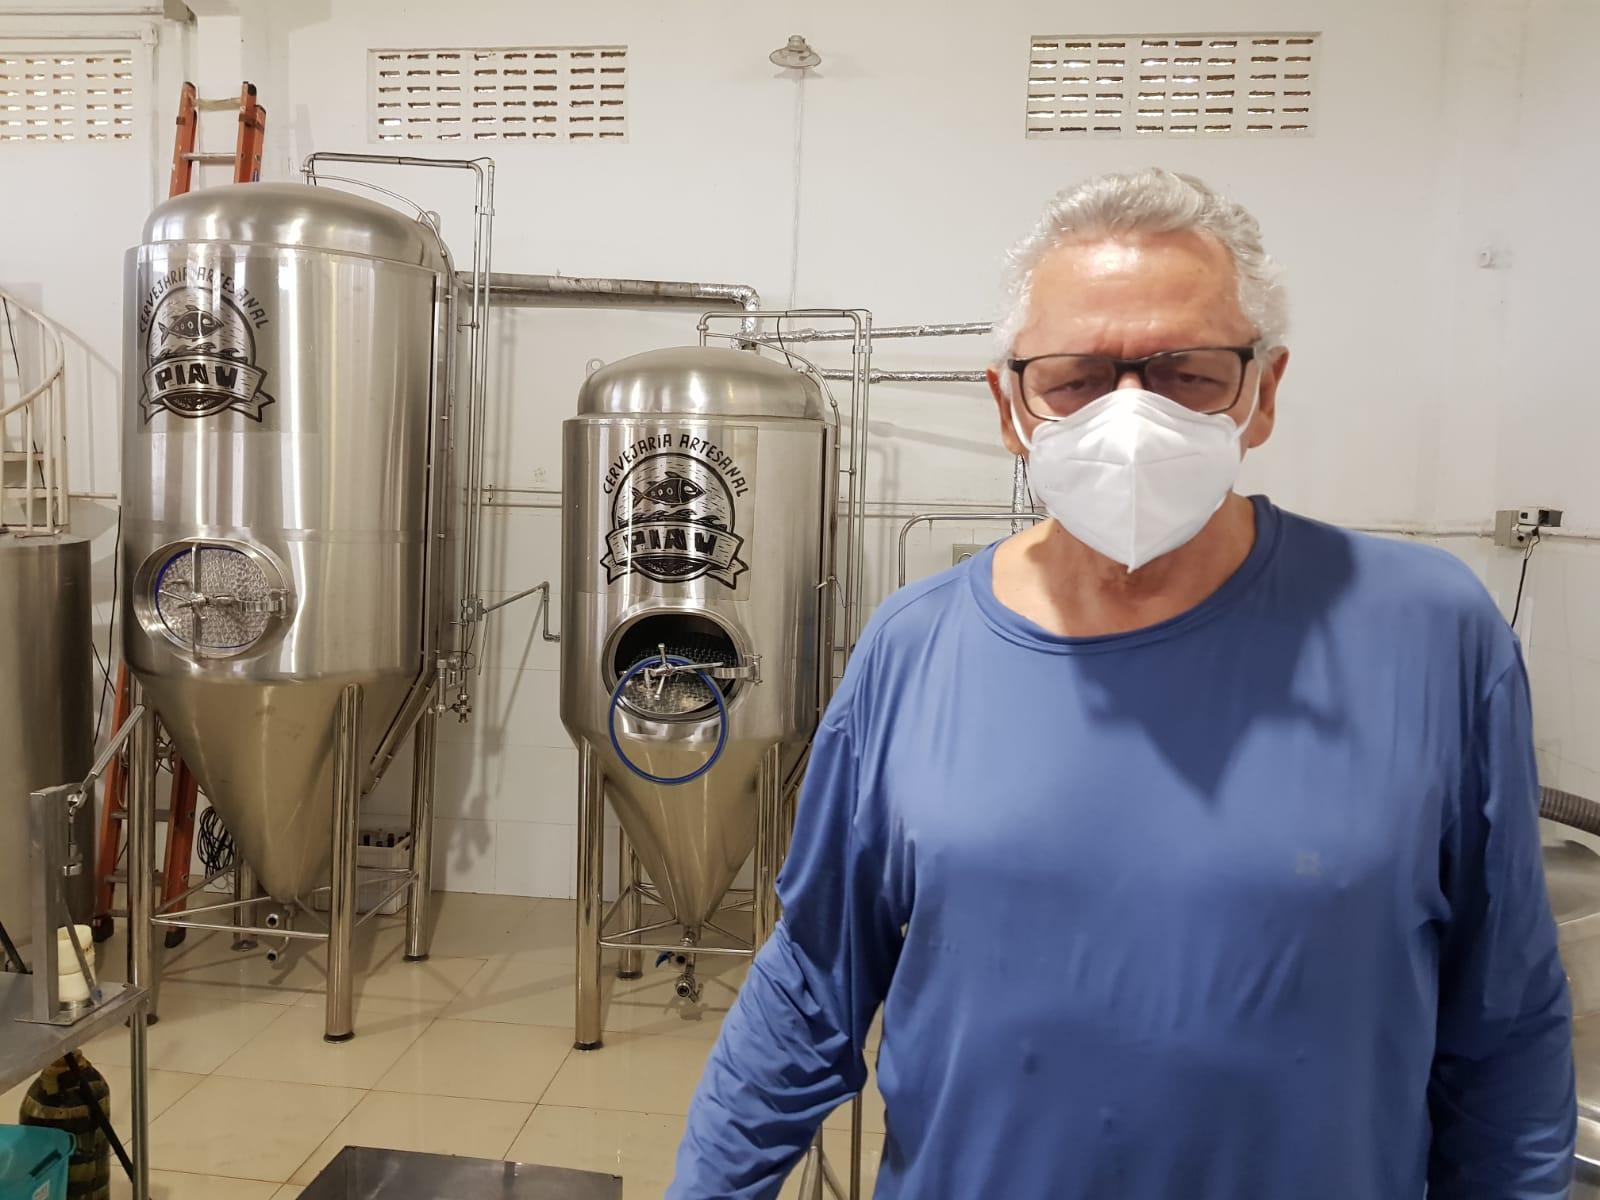 Reitor_na_Piau_02_-_Junto_aos_tanques_de_fermentaçao_1.jpeg